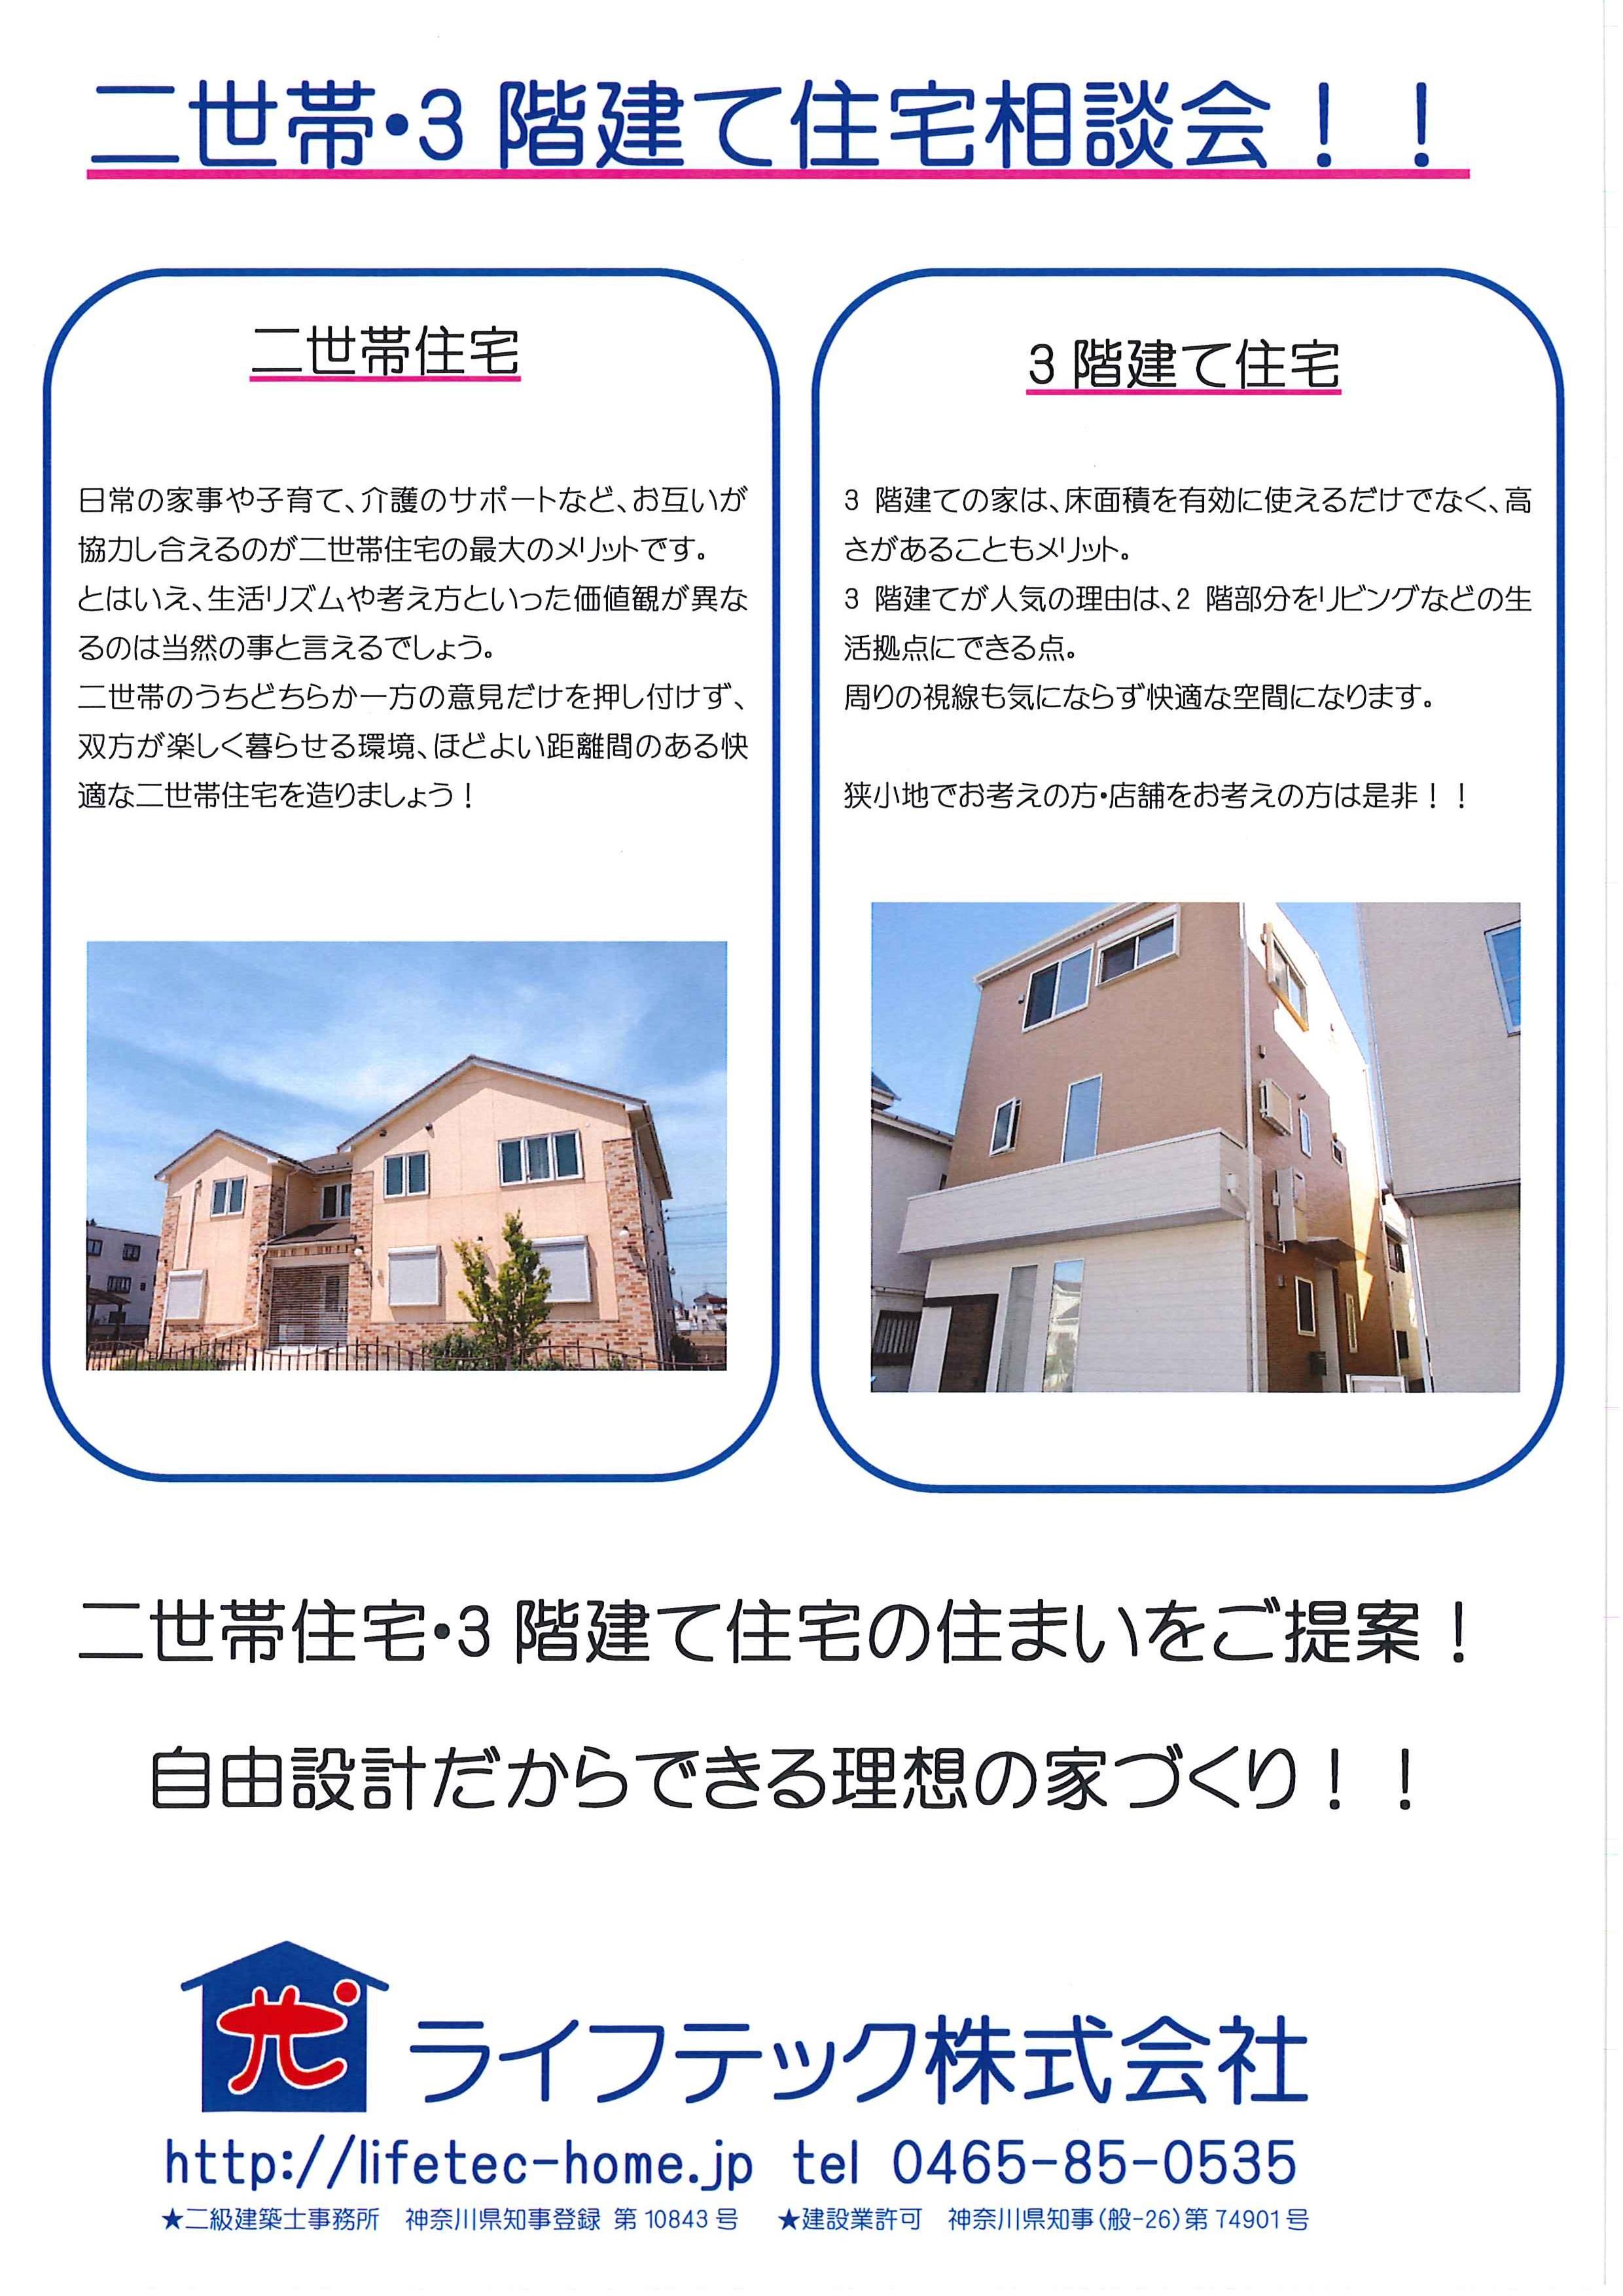 「二世帯・3階建て住宅相談会」のお知らせ